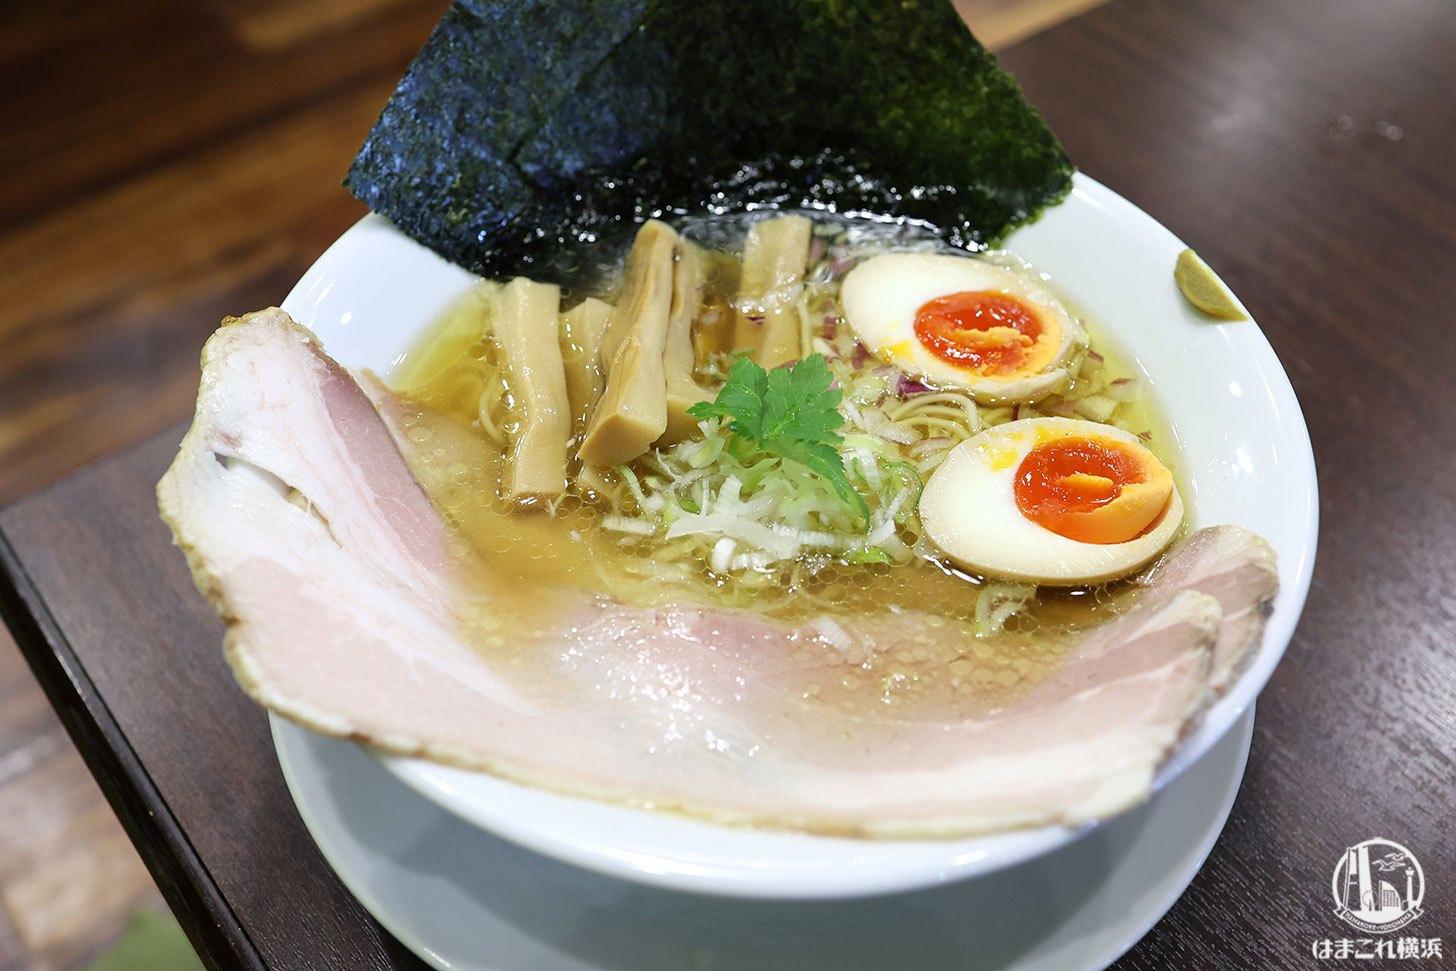 中華蕎麦はなとみの淡麗醤油ラーメンはひと味違う!横浜・磯子の団地にひっそりと